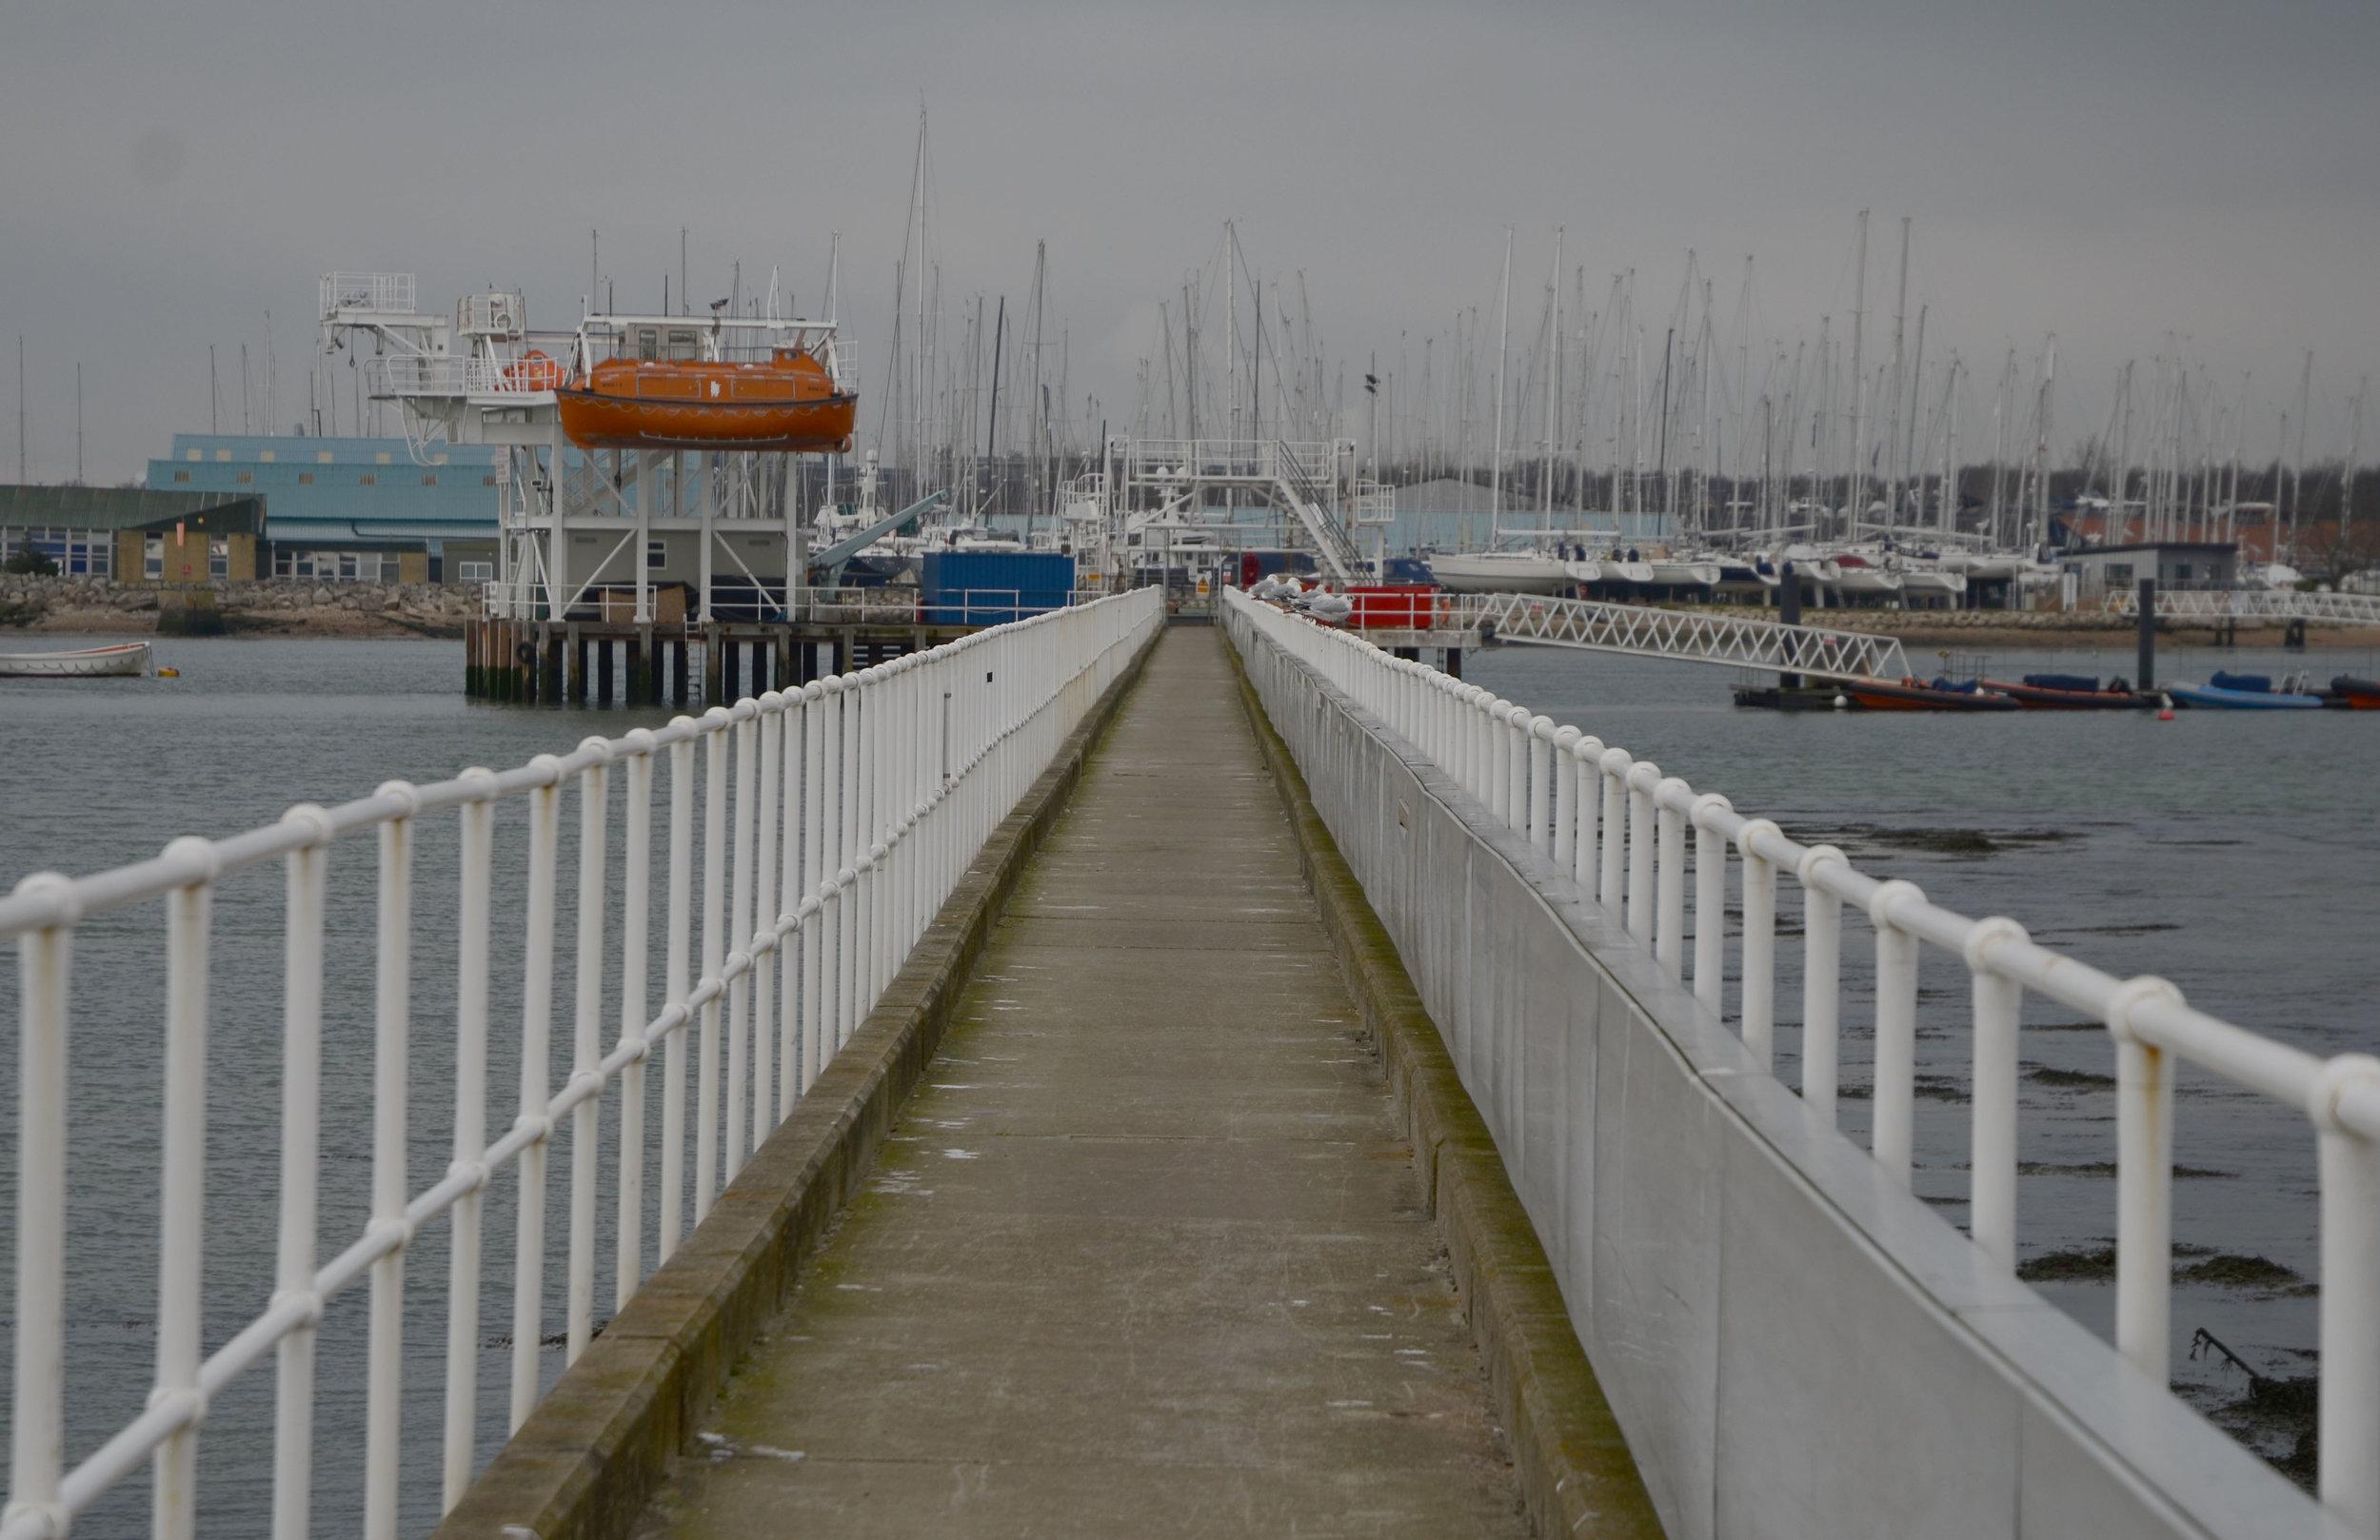 Warsash Pier